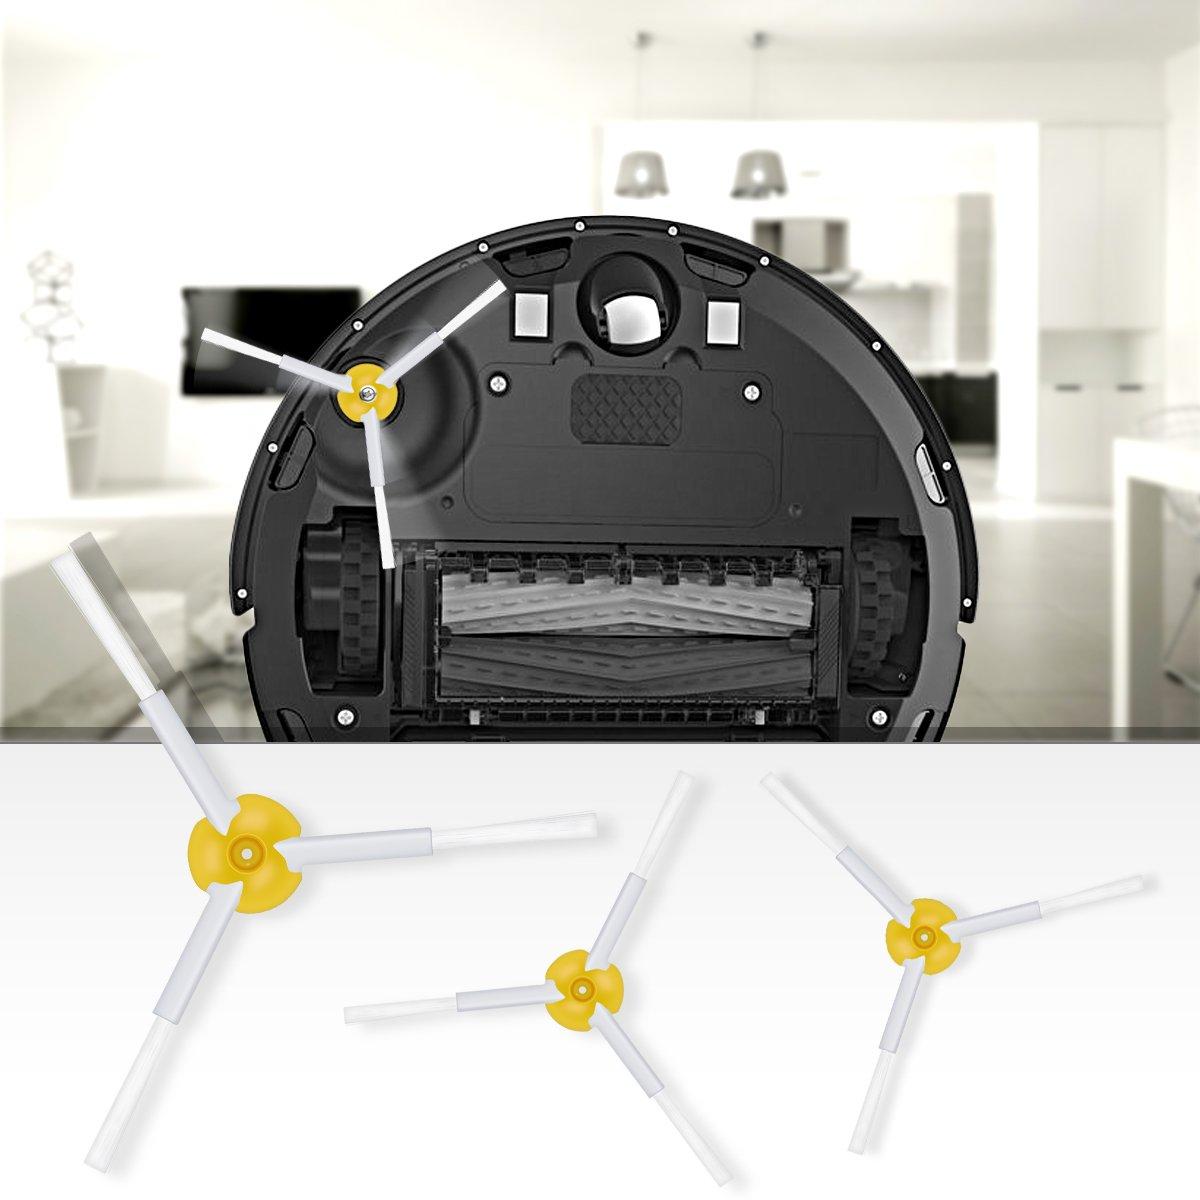 POWER-XWT Kit di Ricambio Roomba Accessori per IRobot Roomba 800 805 860 861 870 871 880 885 890 900 960 980 Filtro di Ricambio